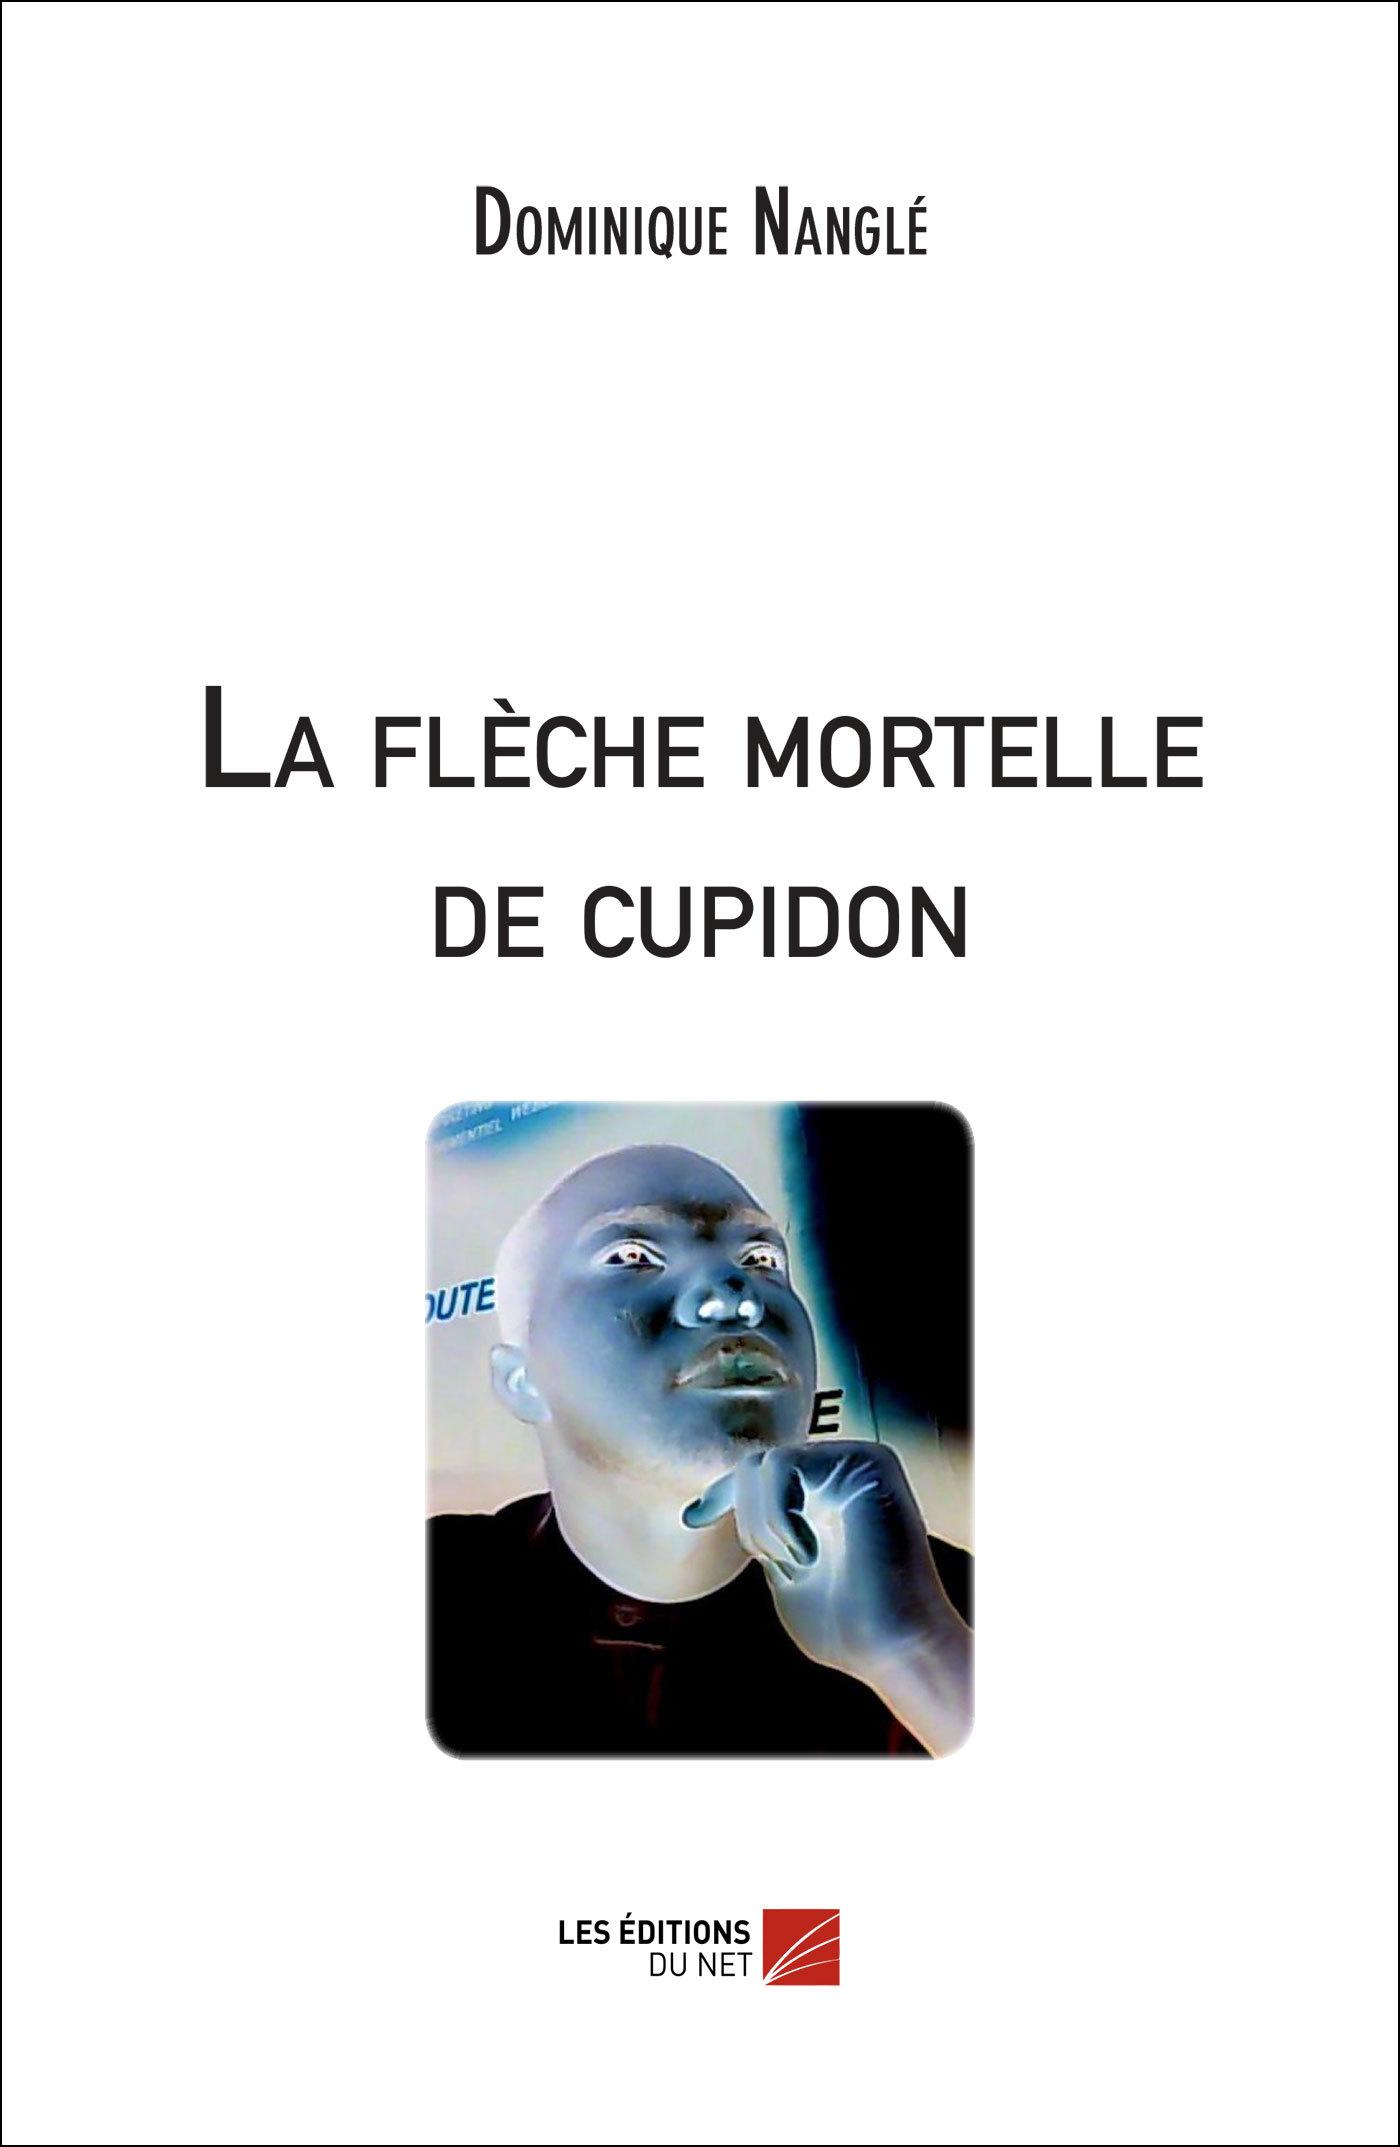 LA FLECHE MORTELLE DE CUPIDON